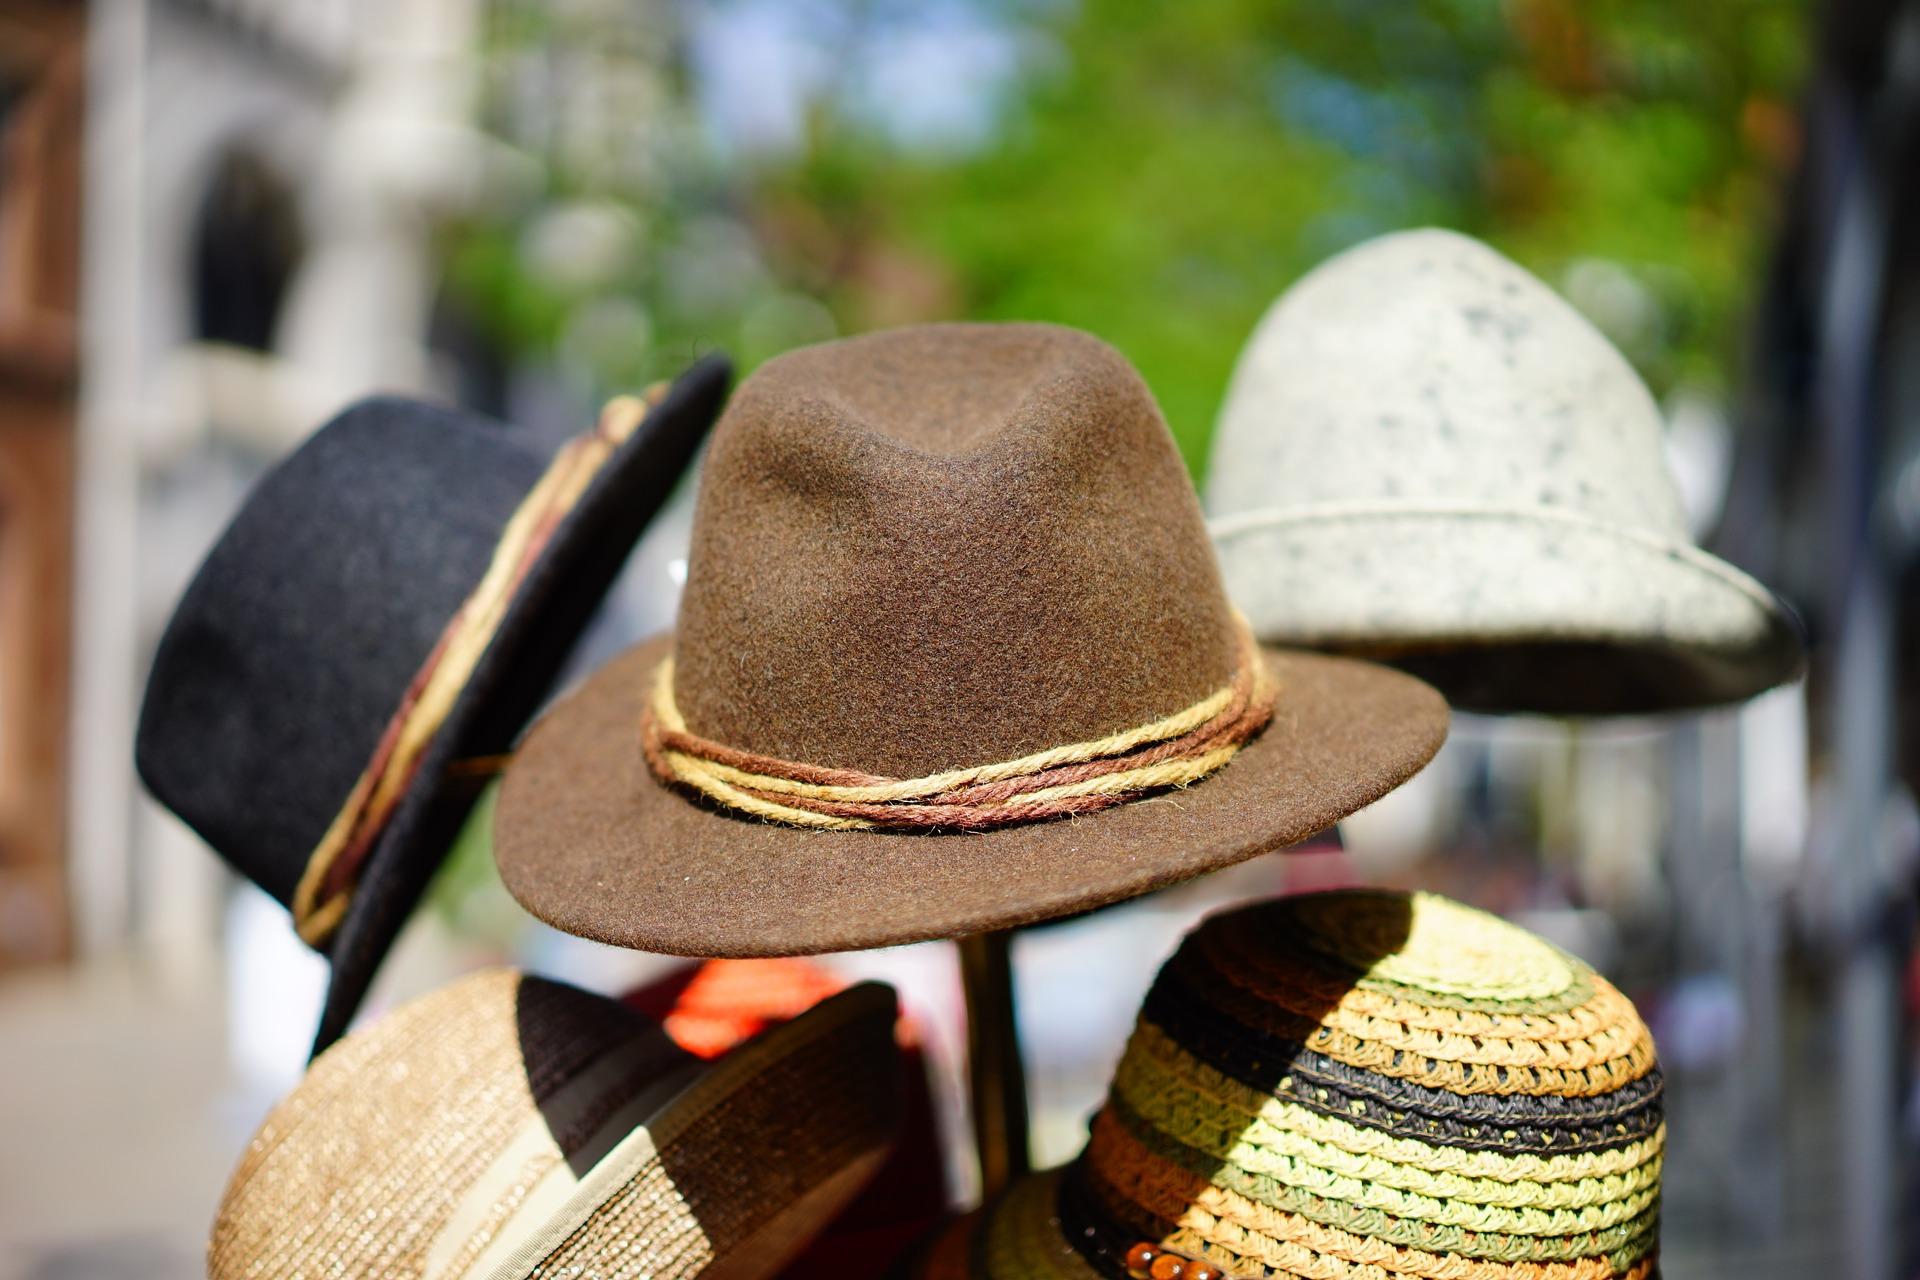 Promocje działają na Polaków (raport) zakupy mediarun zakupy hat